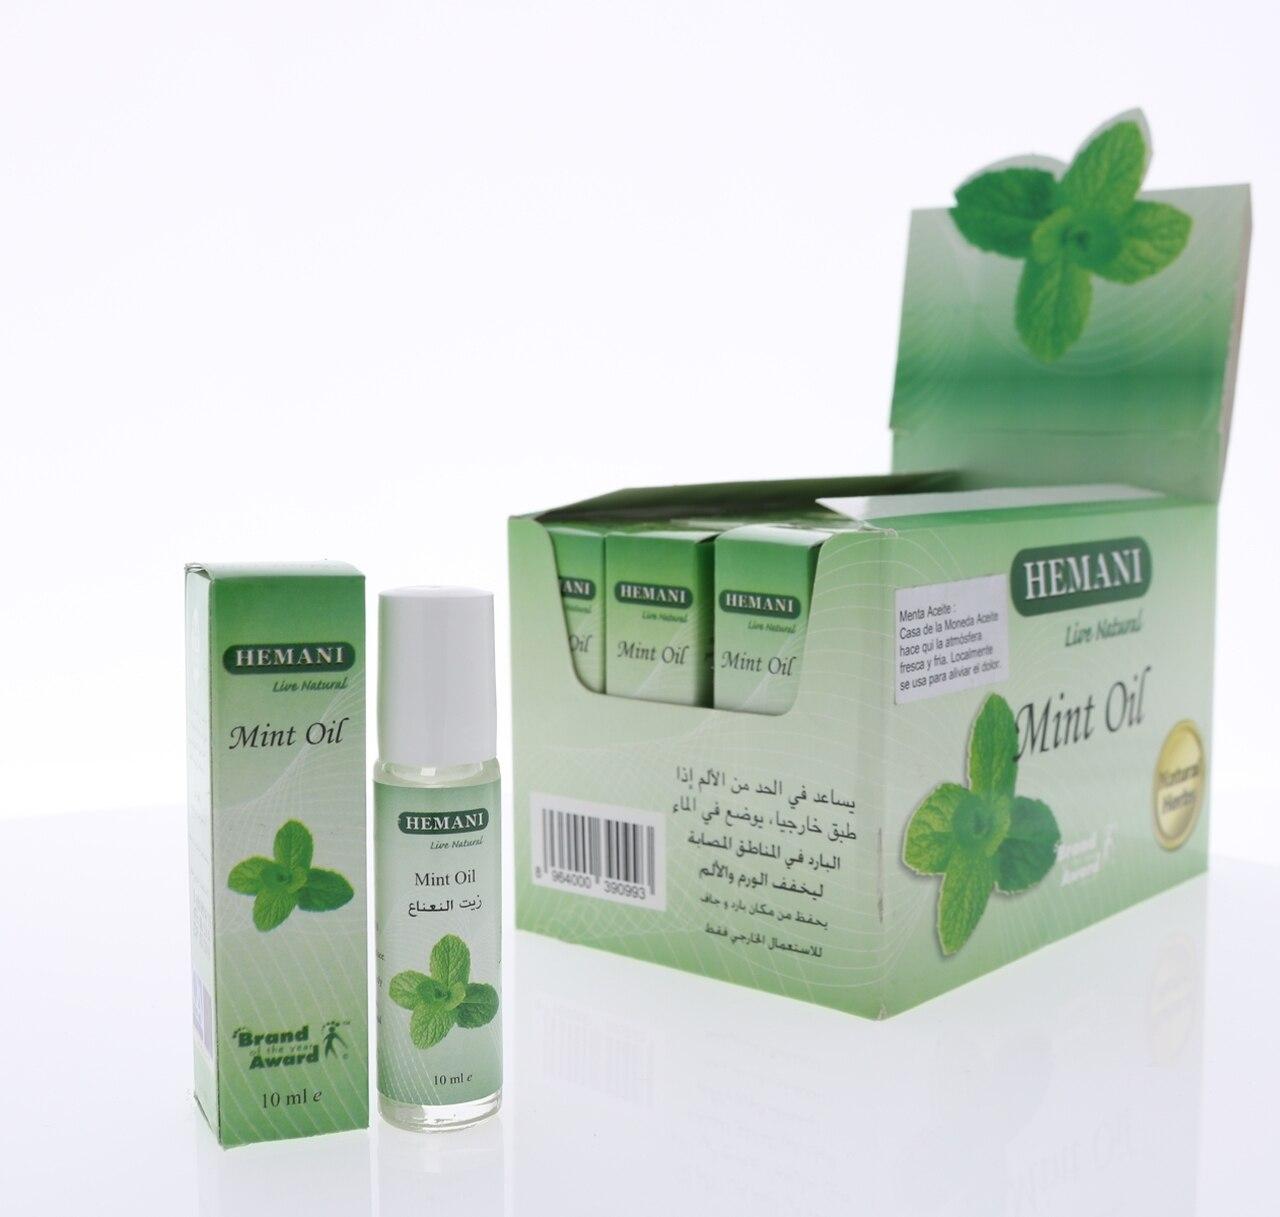 hermani mint oil